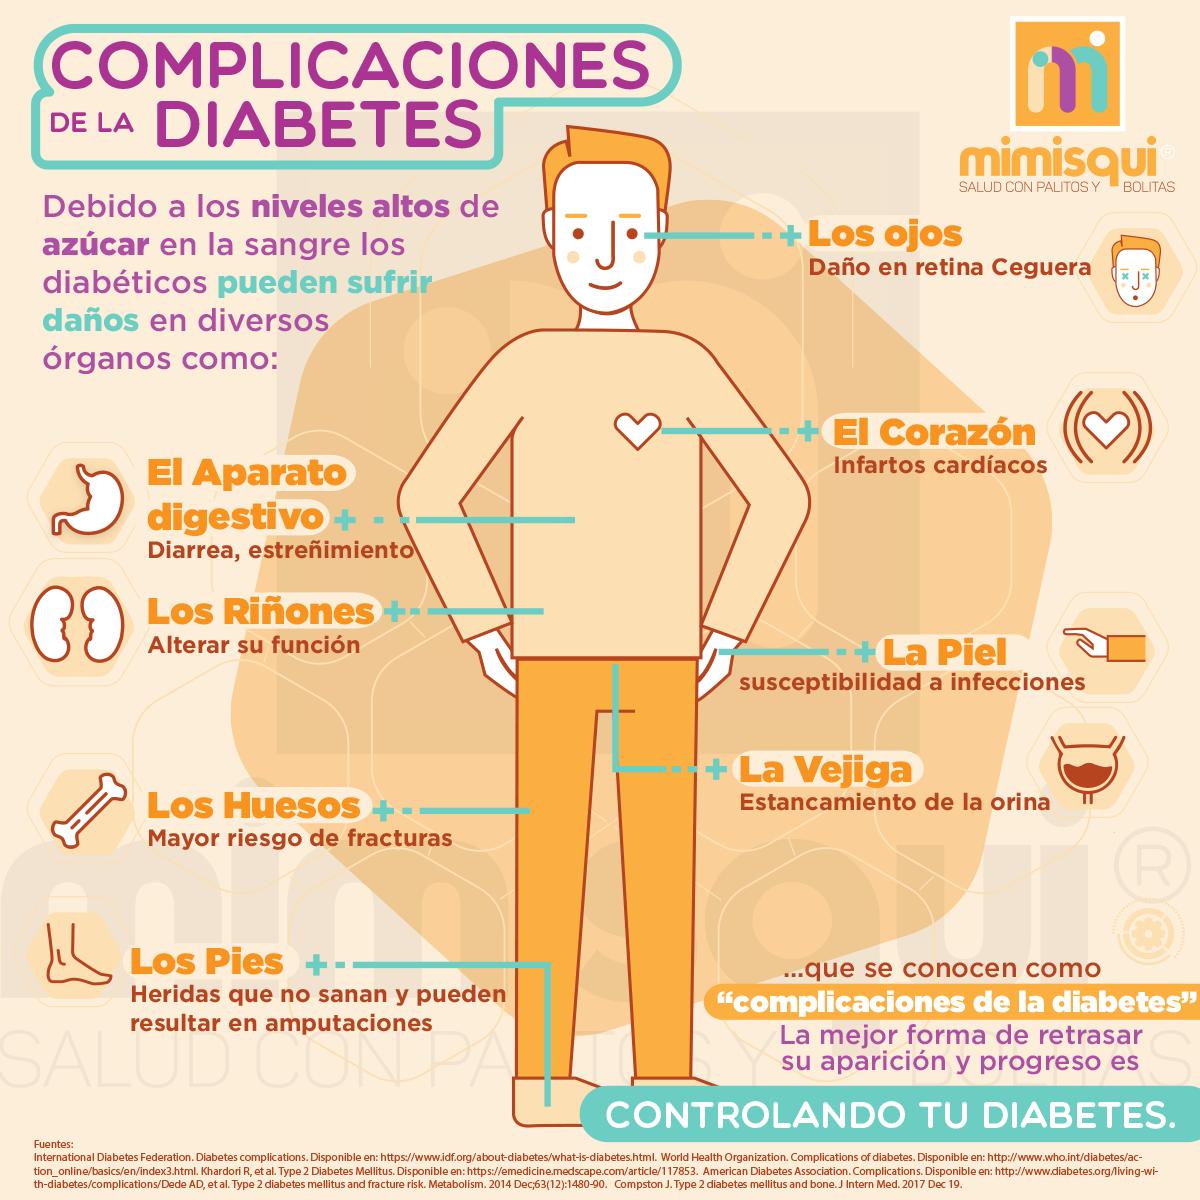 post_mimisqui_compli_diabetes.png